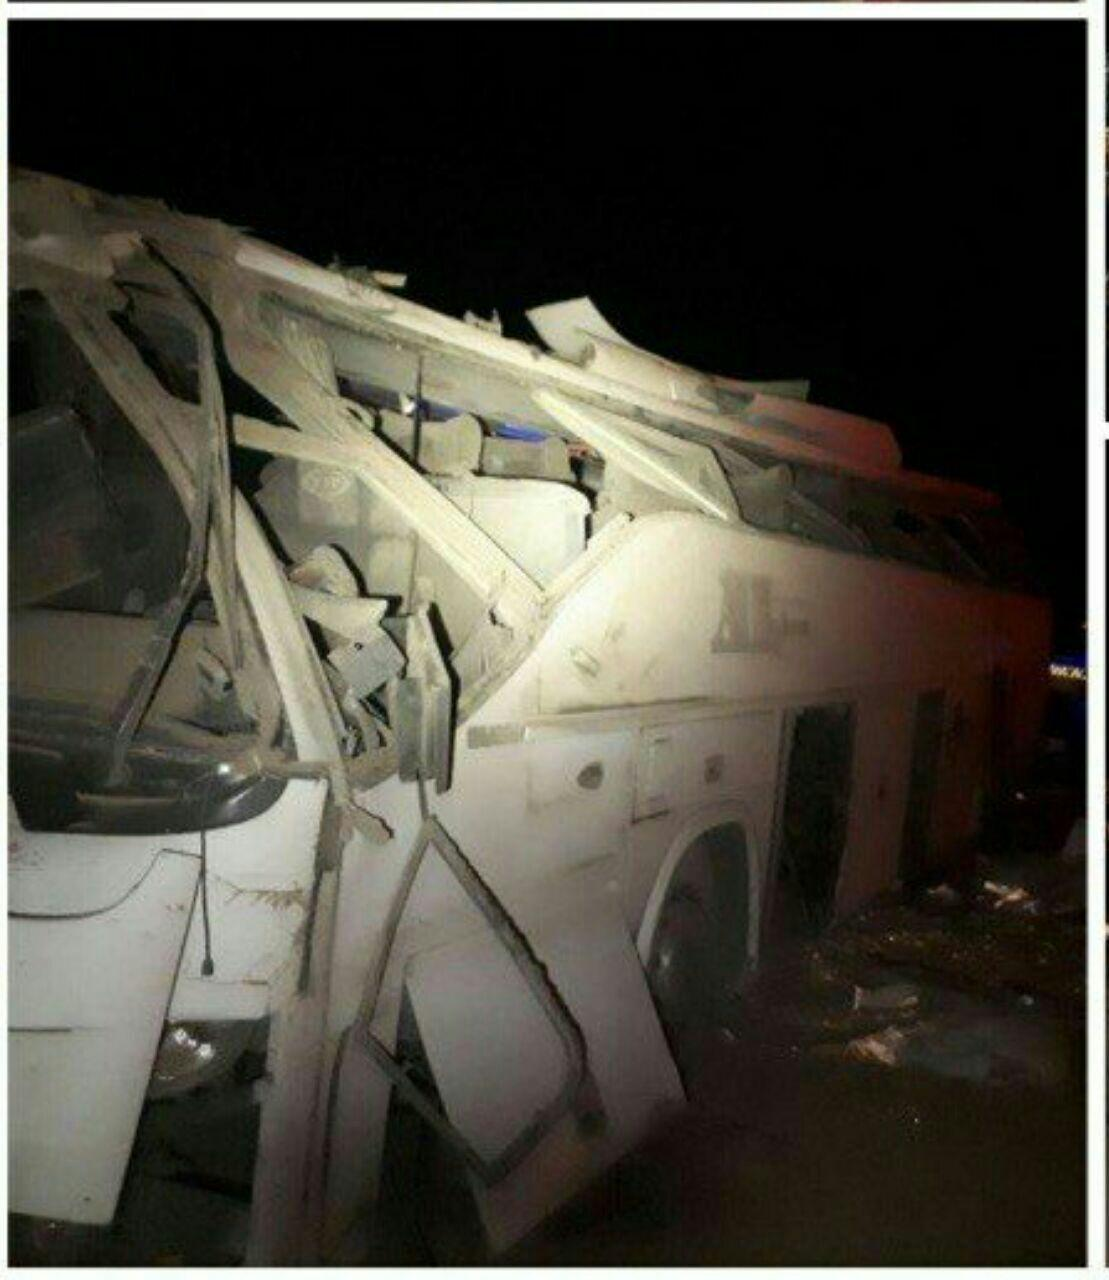 اصلاحیه/مدیر پایانه مسافربری رفسنجان: مرگ یک زن جوان در حادثه واژگونی اتوبوس کرمان-تهران